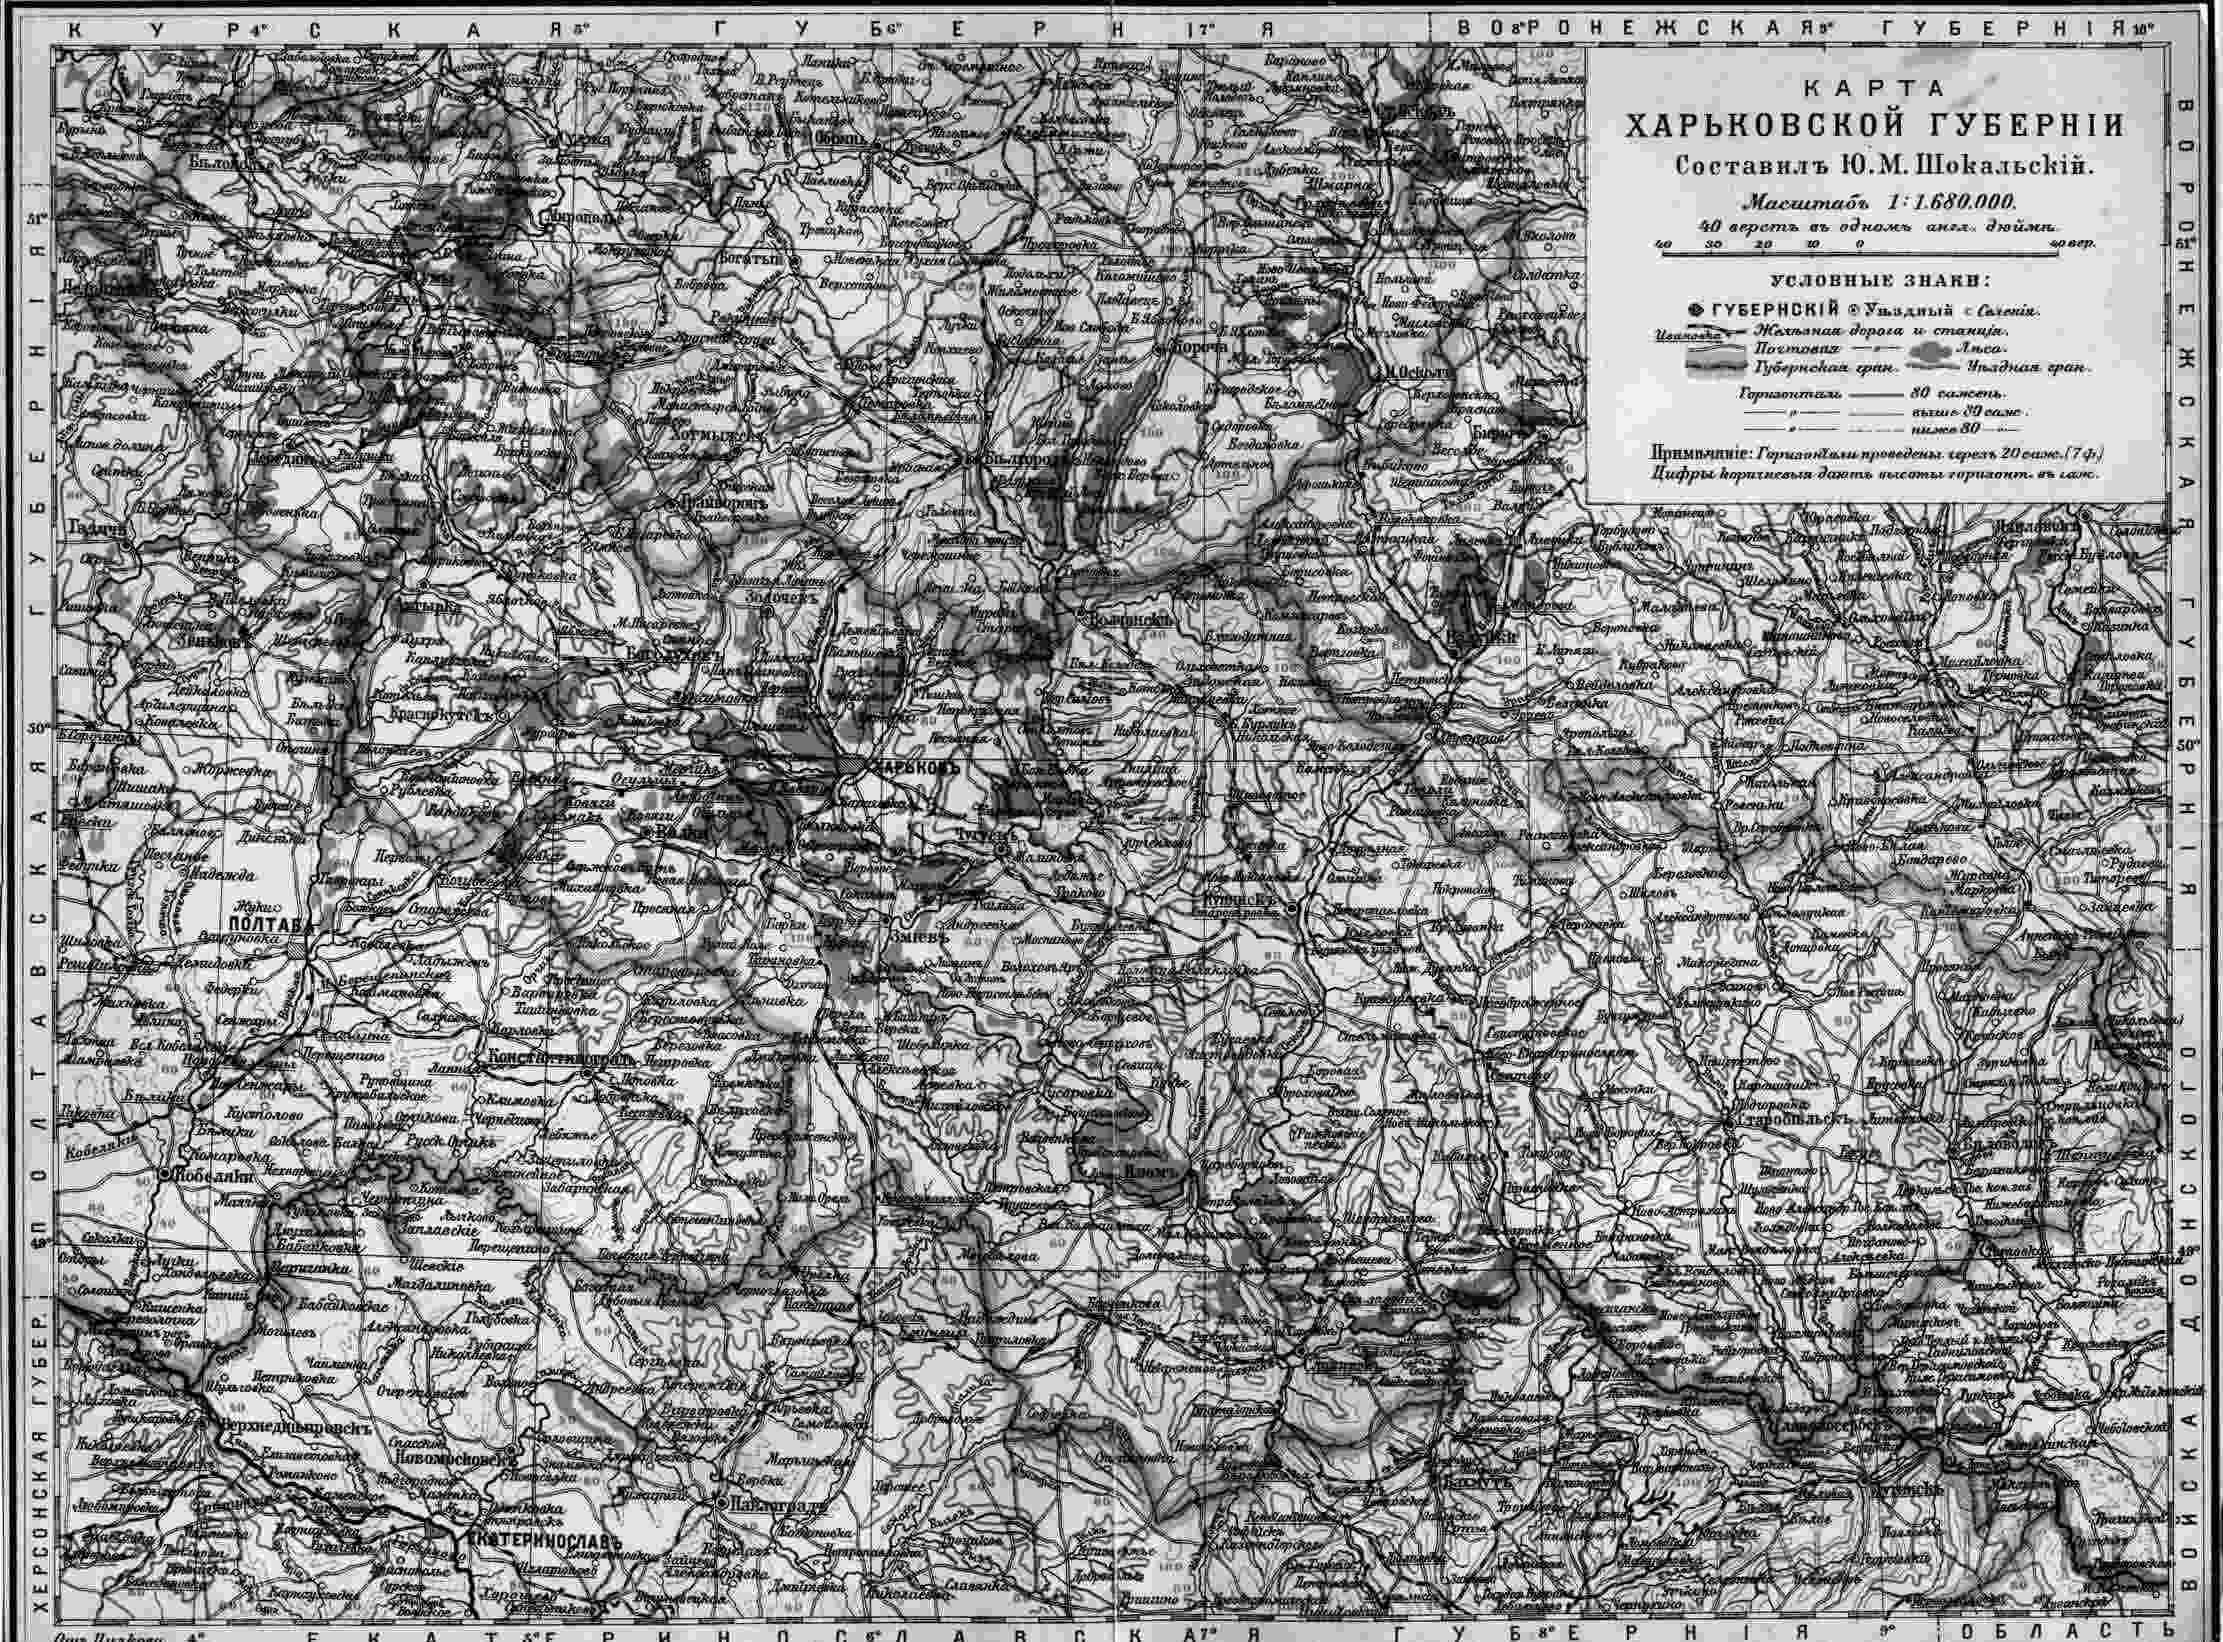 Административное деление горьковской области на карте гугк 1966 года